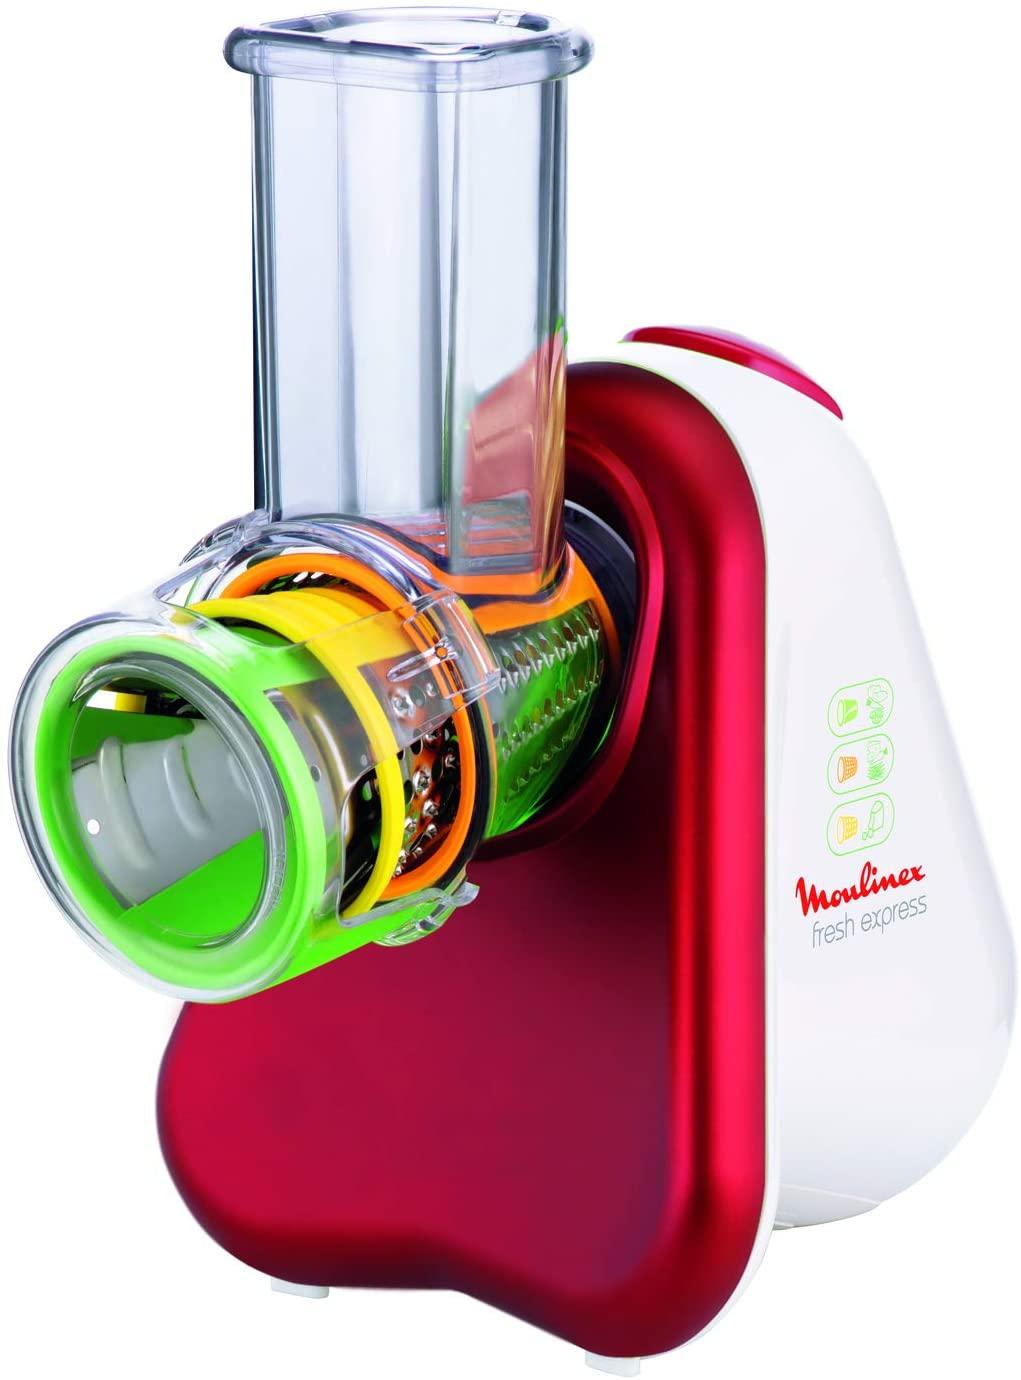 rallador-de-verdura-electrico-moulinex-dj7535-fresh-express.jpg